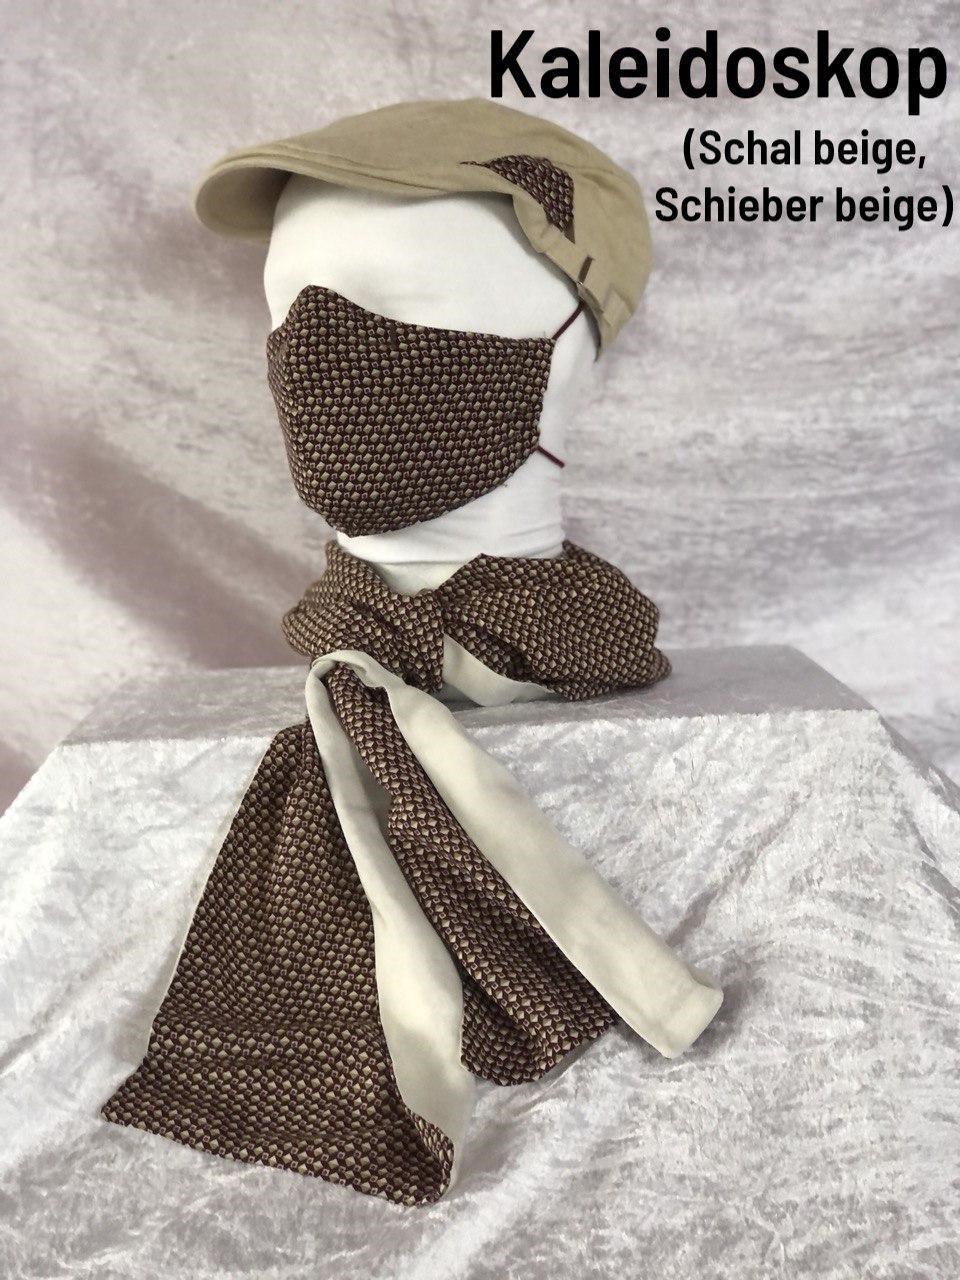 B1 - Maske + Schal beige + Schieber beige